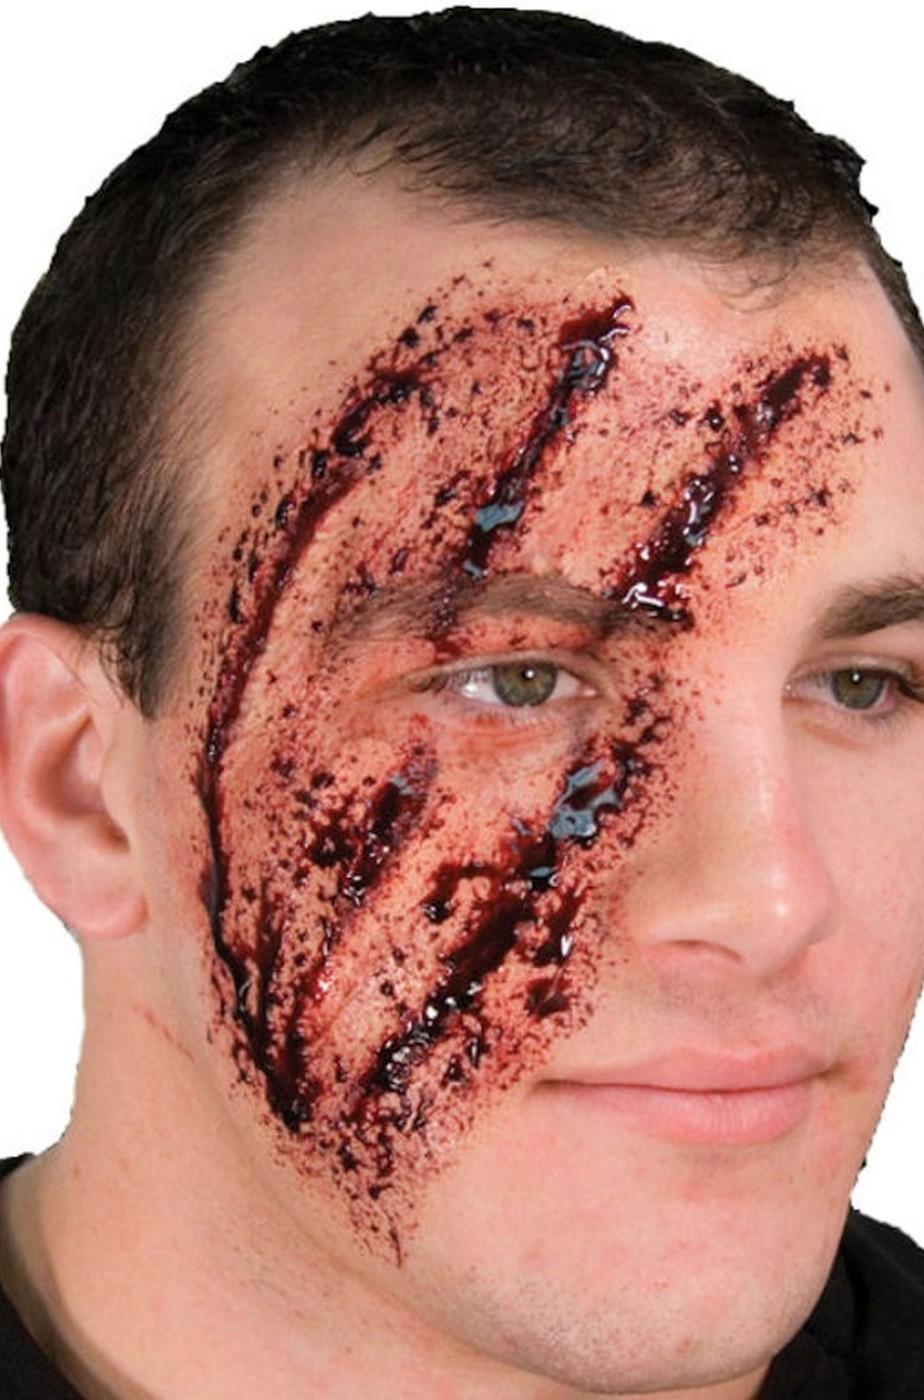 Trucco Halloween protesi ferite in lattice graffi di artiglio sul viso 6d41fa0a6980